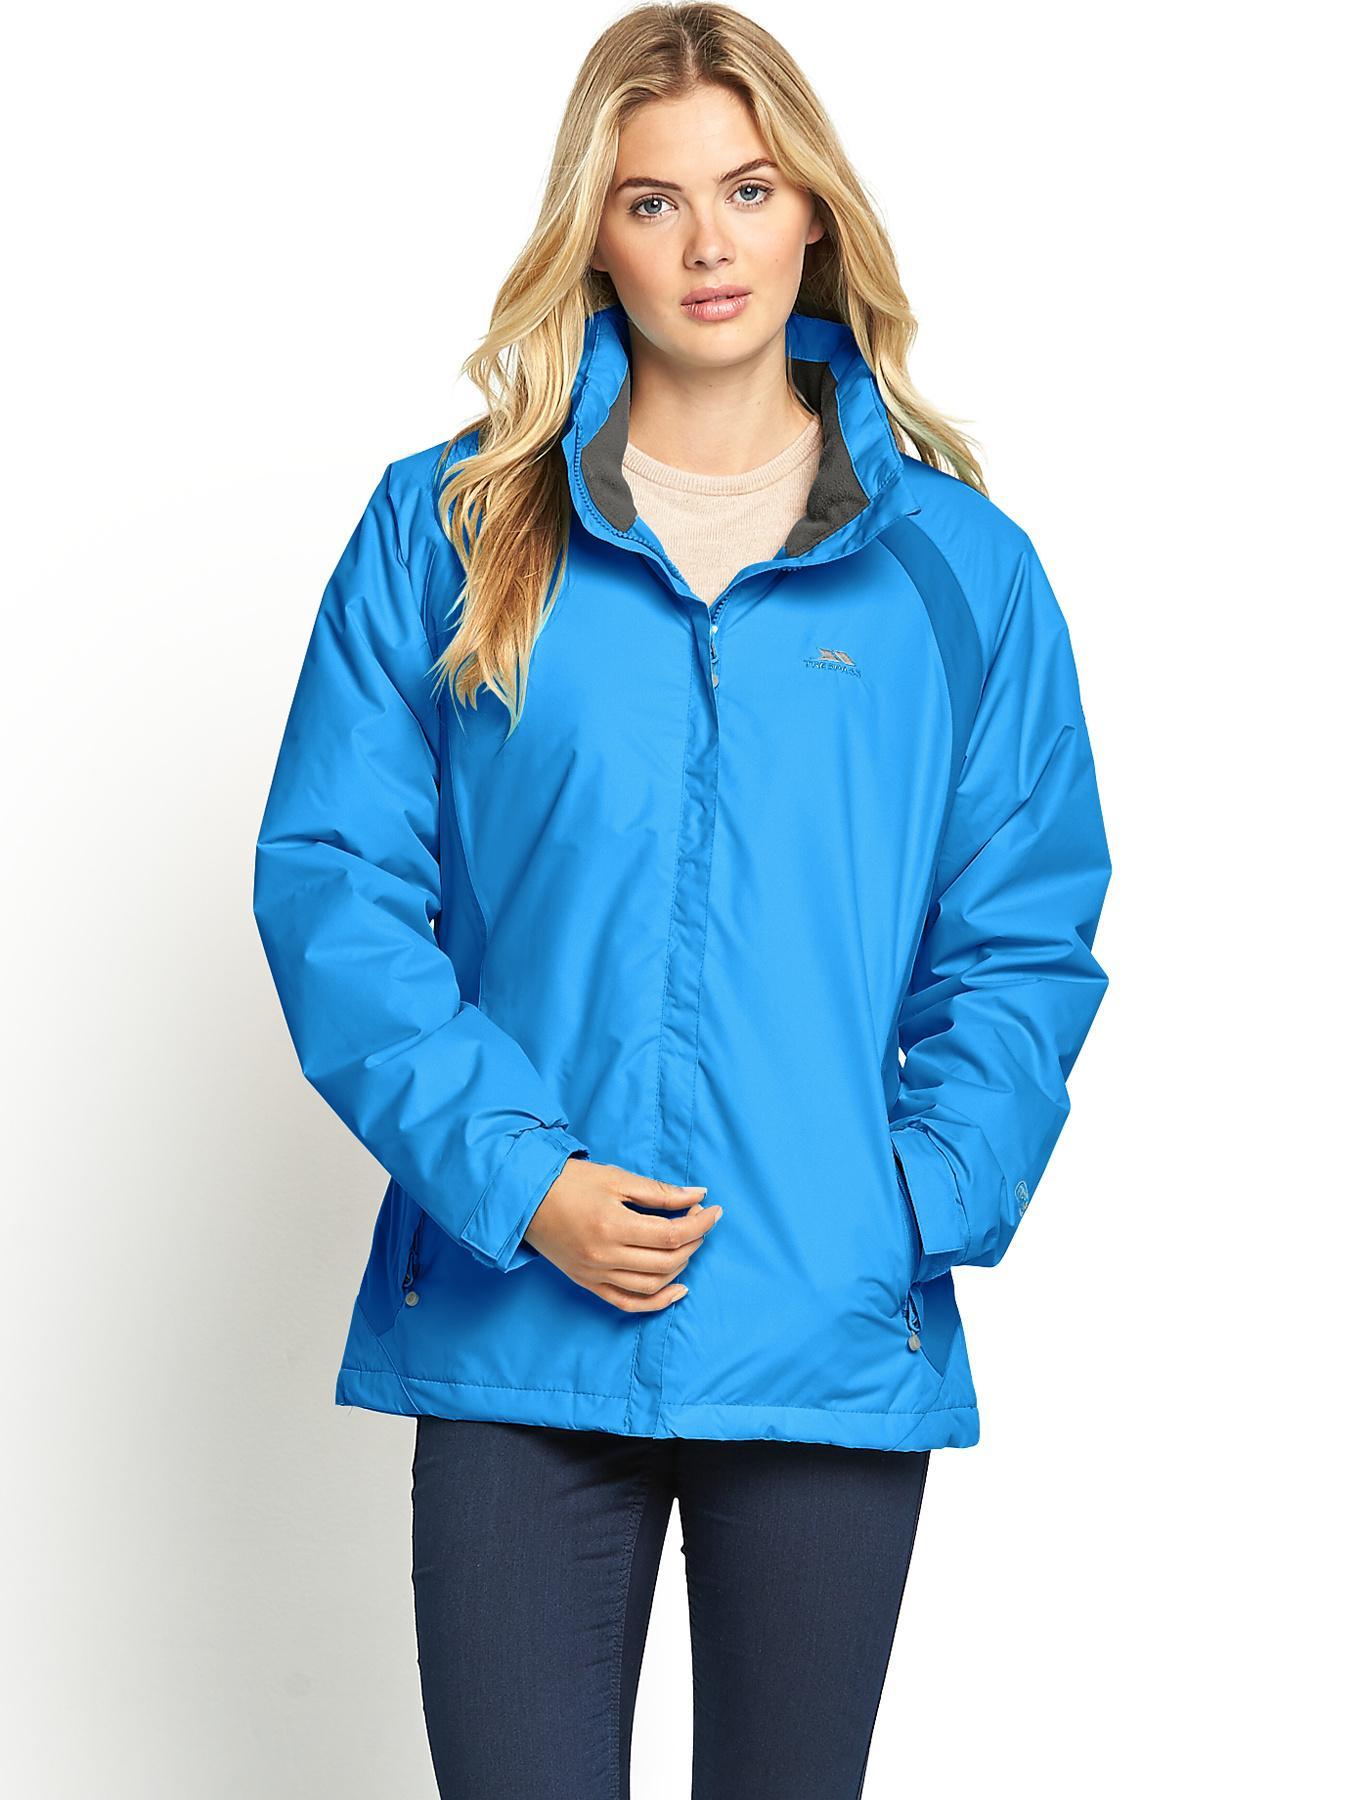 Kona Jacket - Blue, Blue